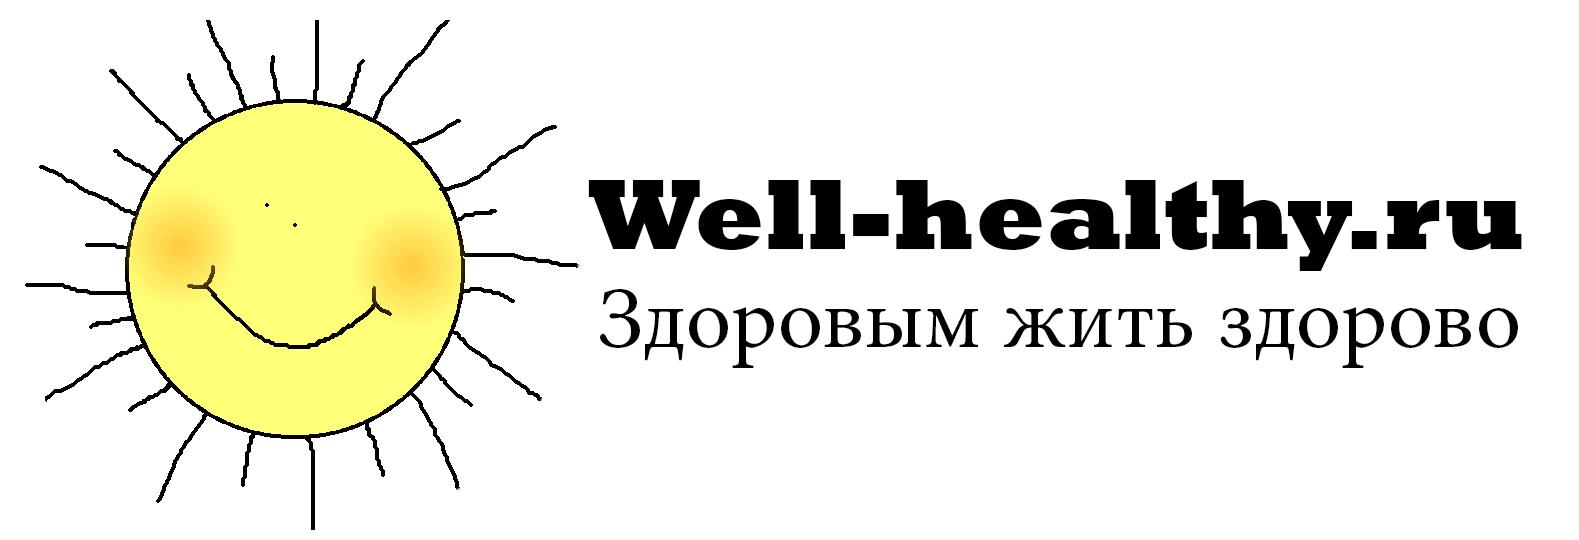 well-healthy.ru